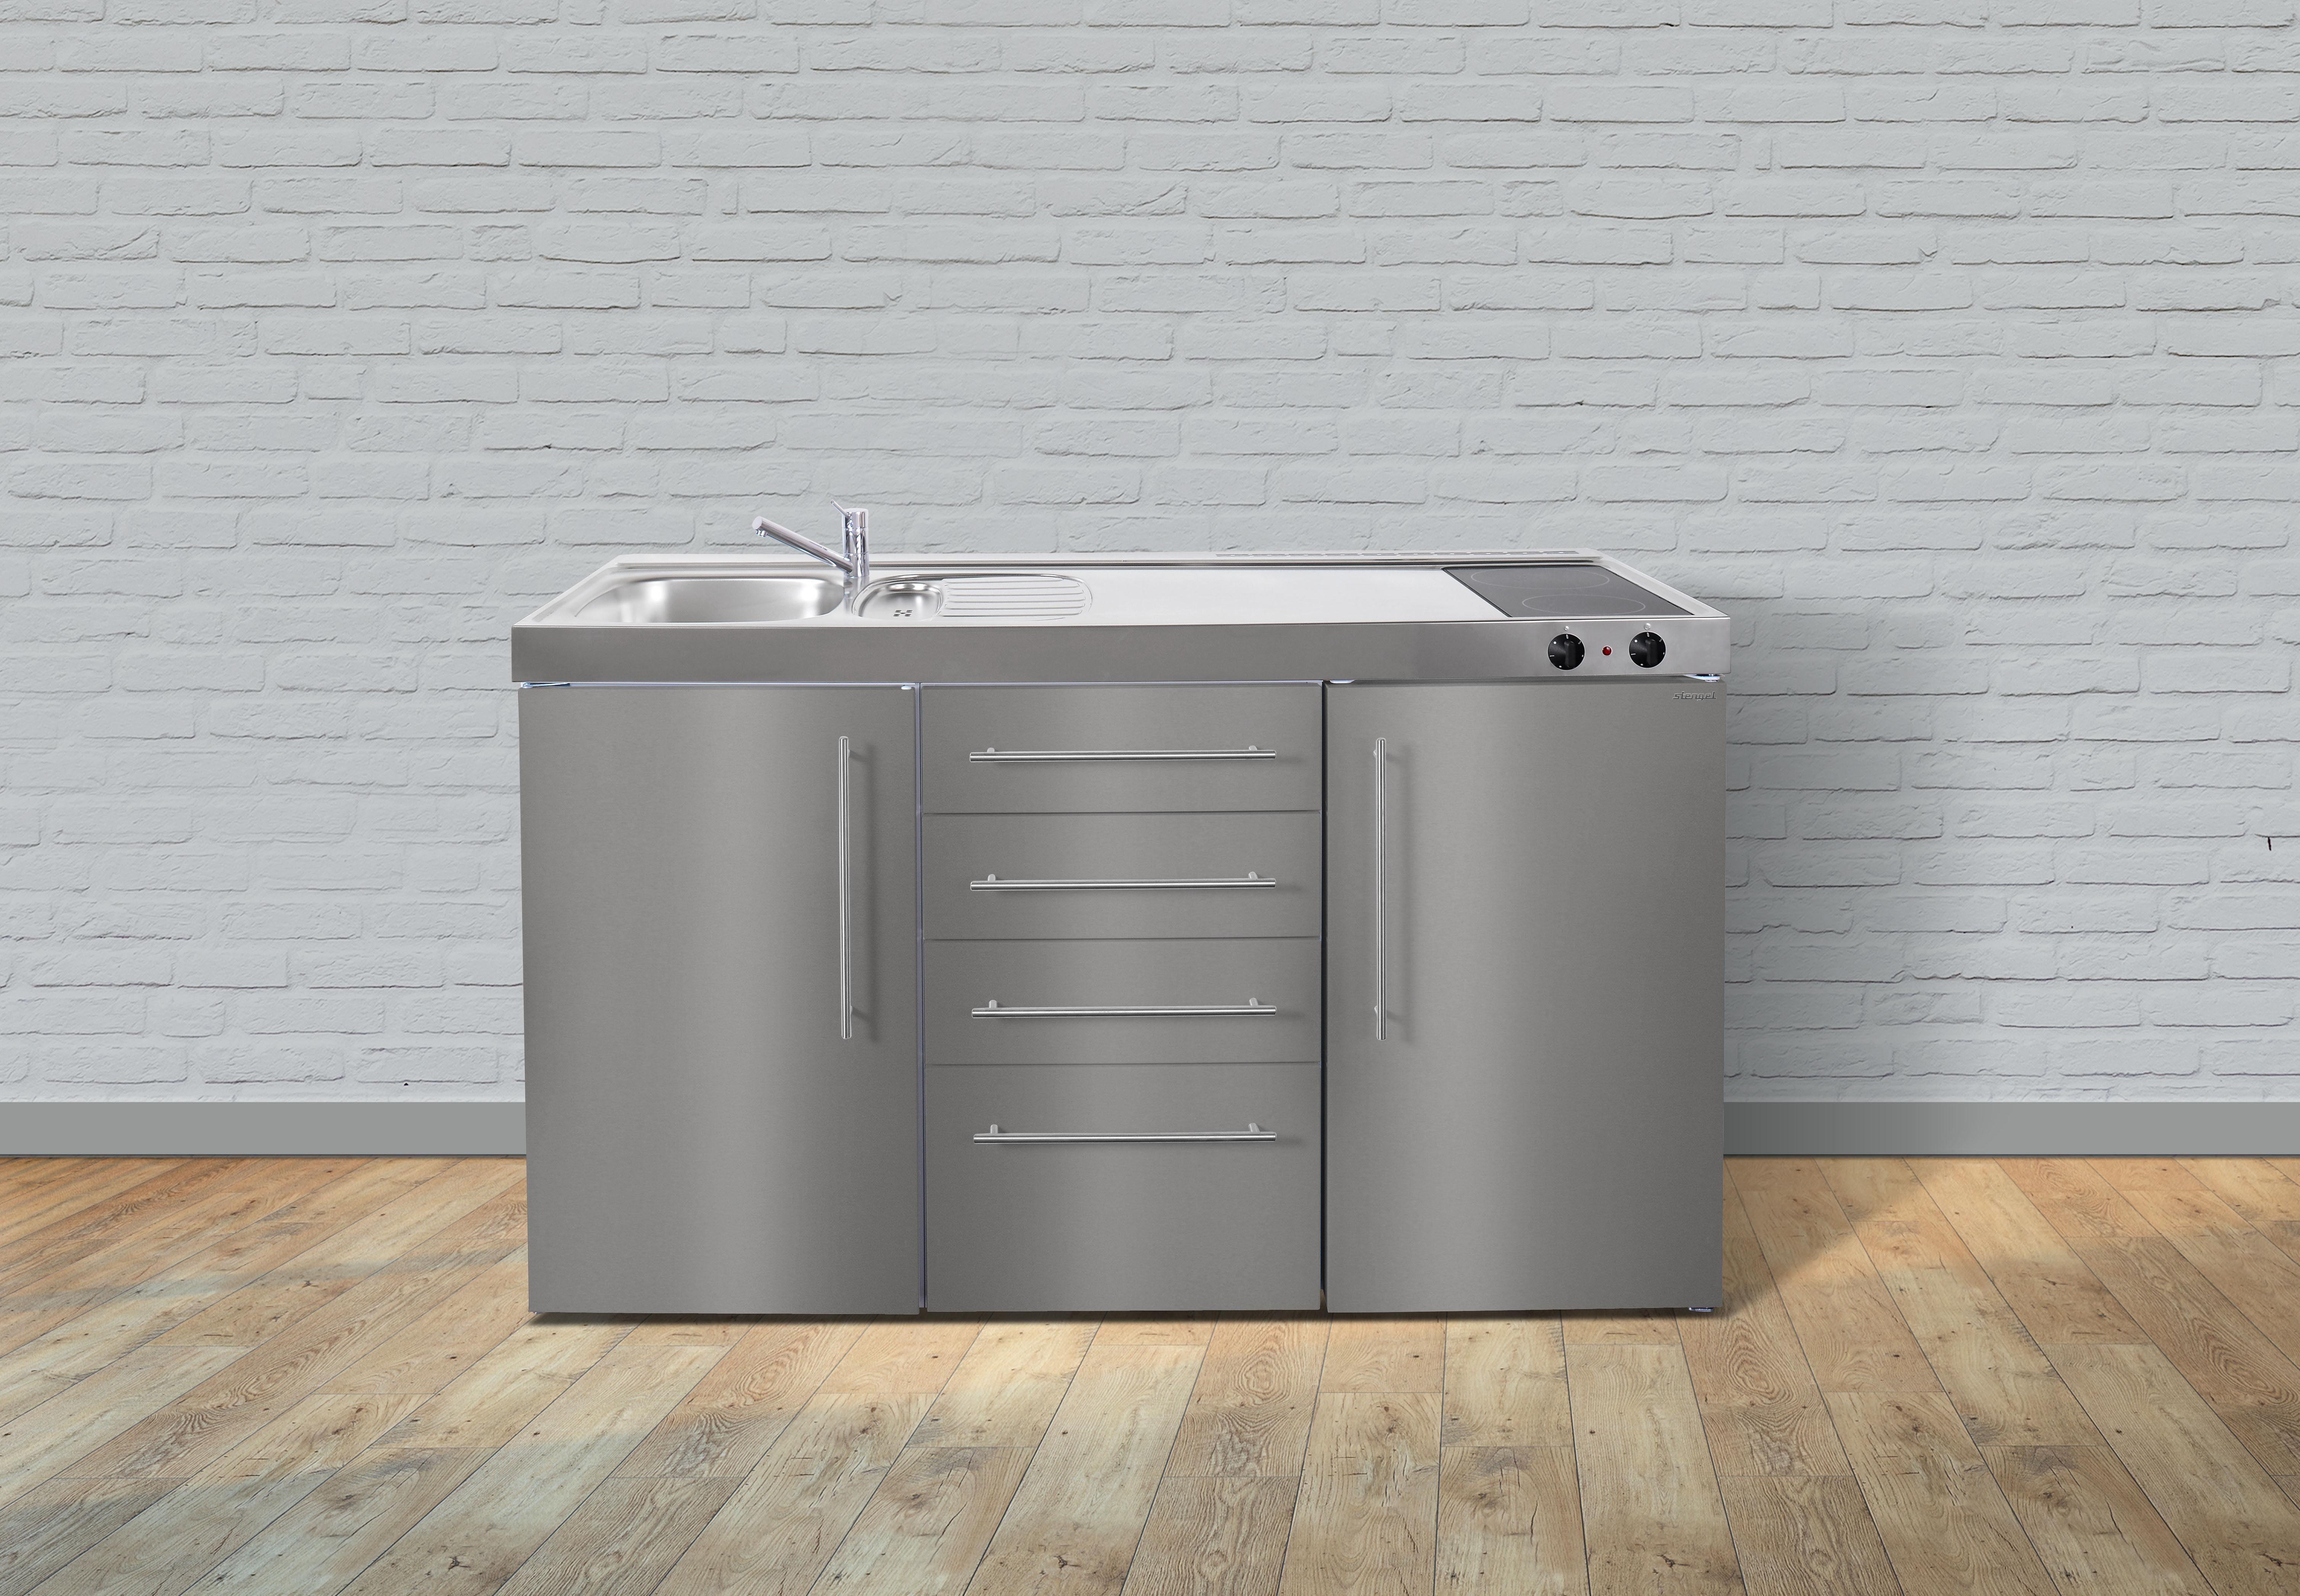 Kühlschrank Schubladen : Stengel metall miniküche premiumline mps kühlschrank